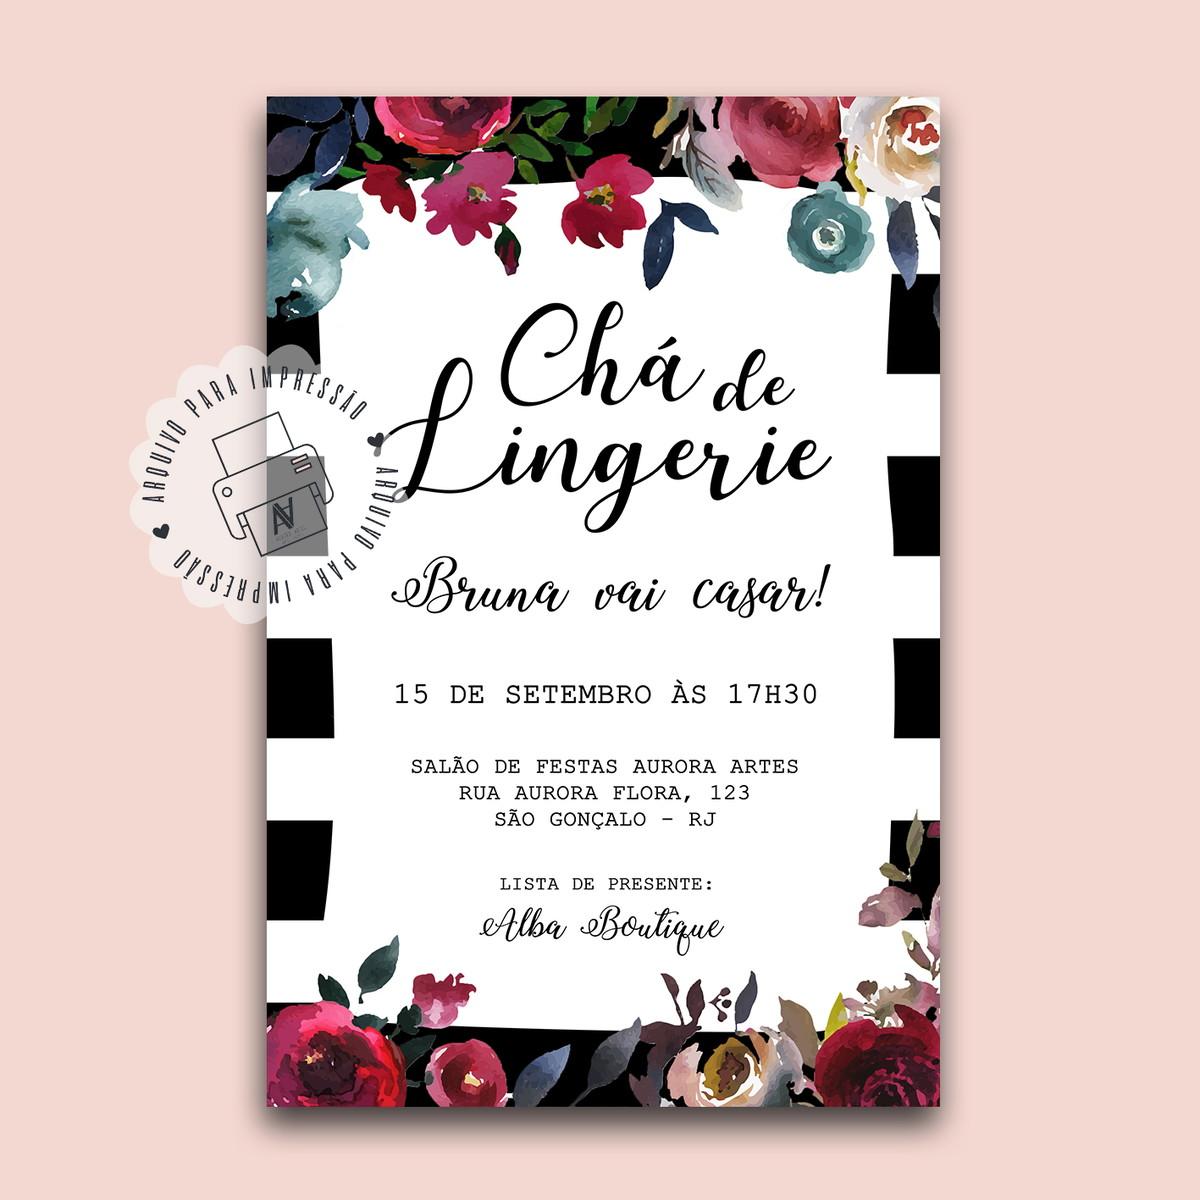 9ae0eae316 Convite Chá de Lingerie - Floral - Arte digital no Elo7